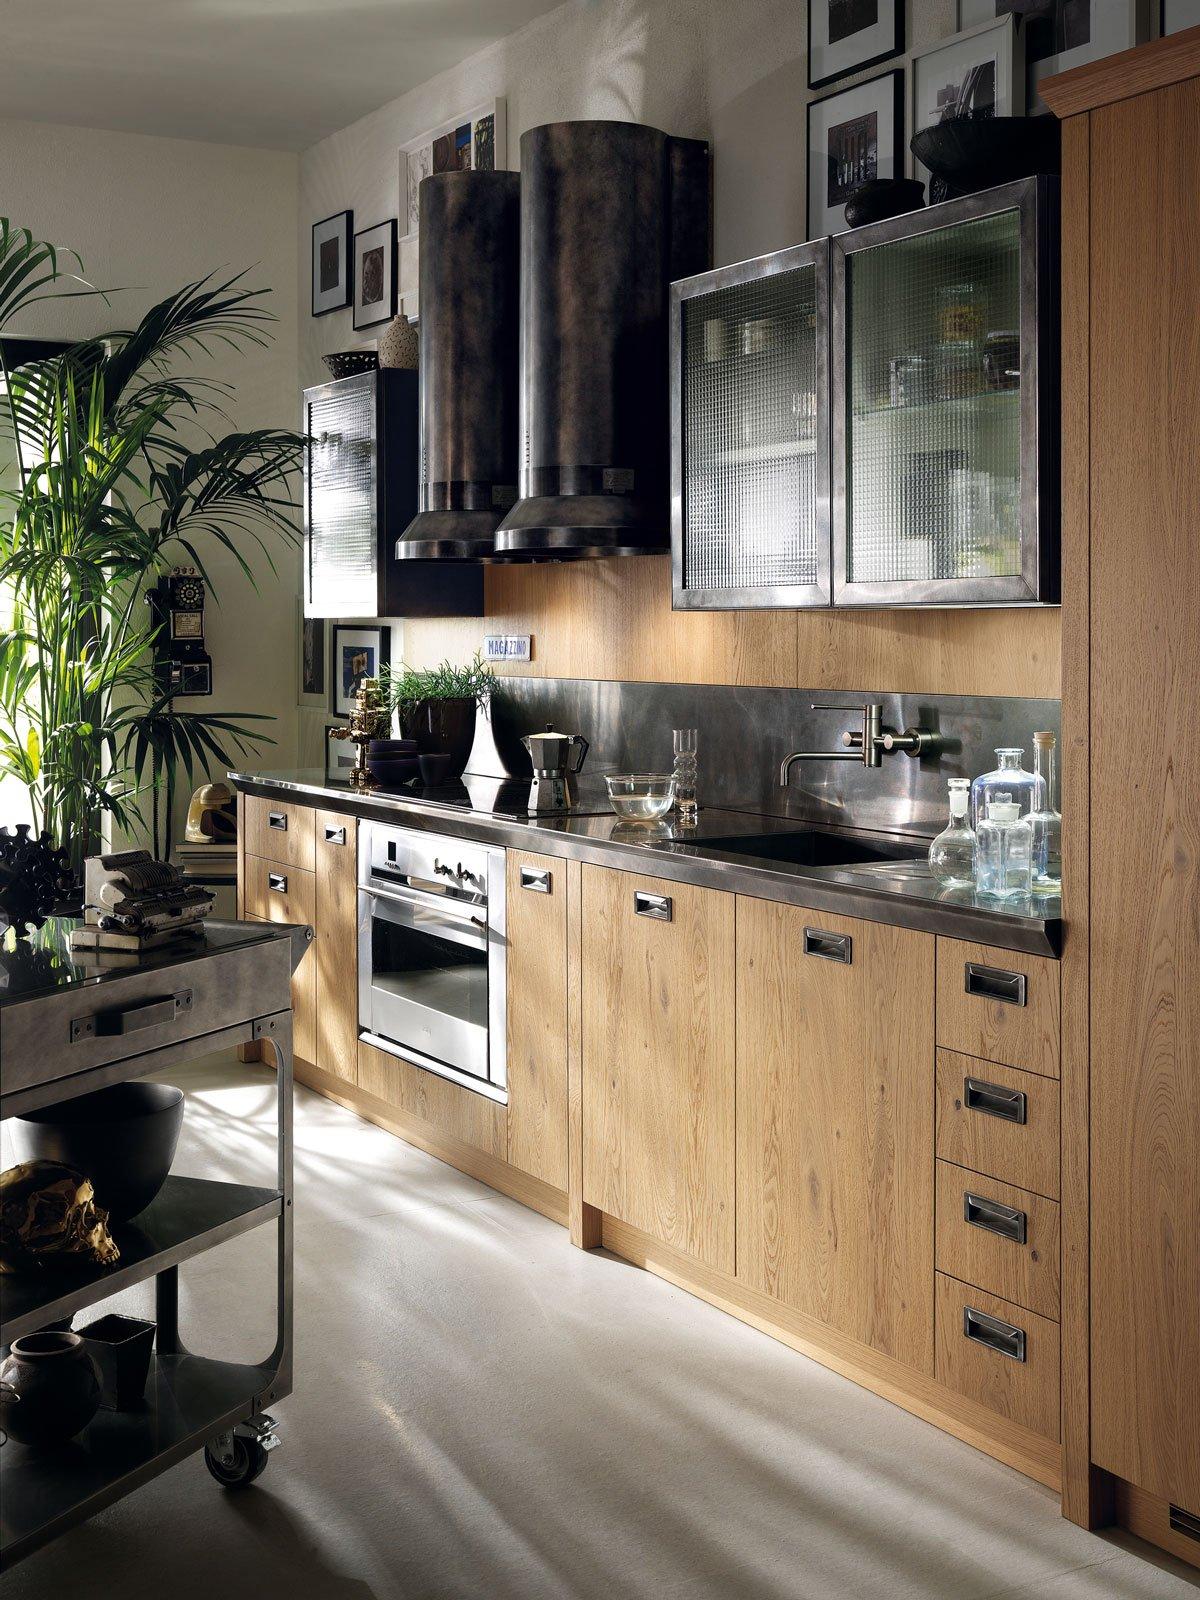 Cucine con cappa decorativa cose di casa - Mobili stile industriale usati ...